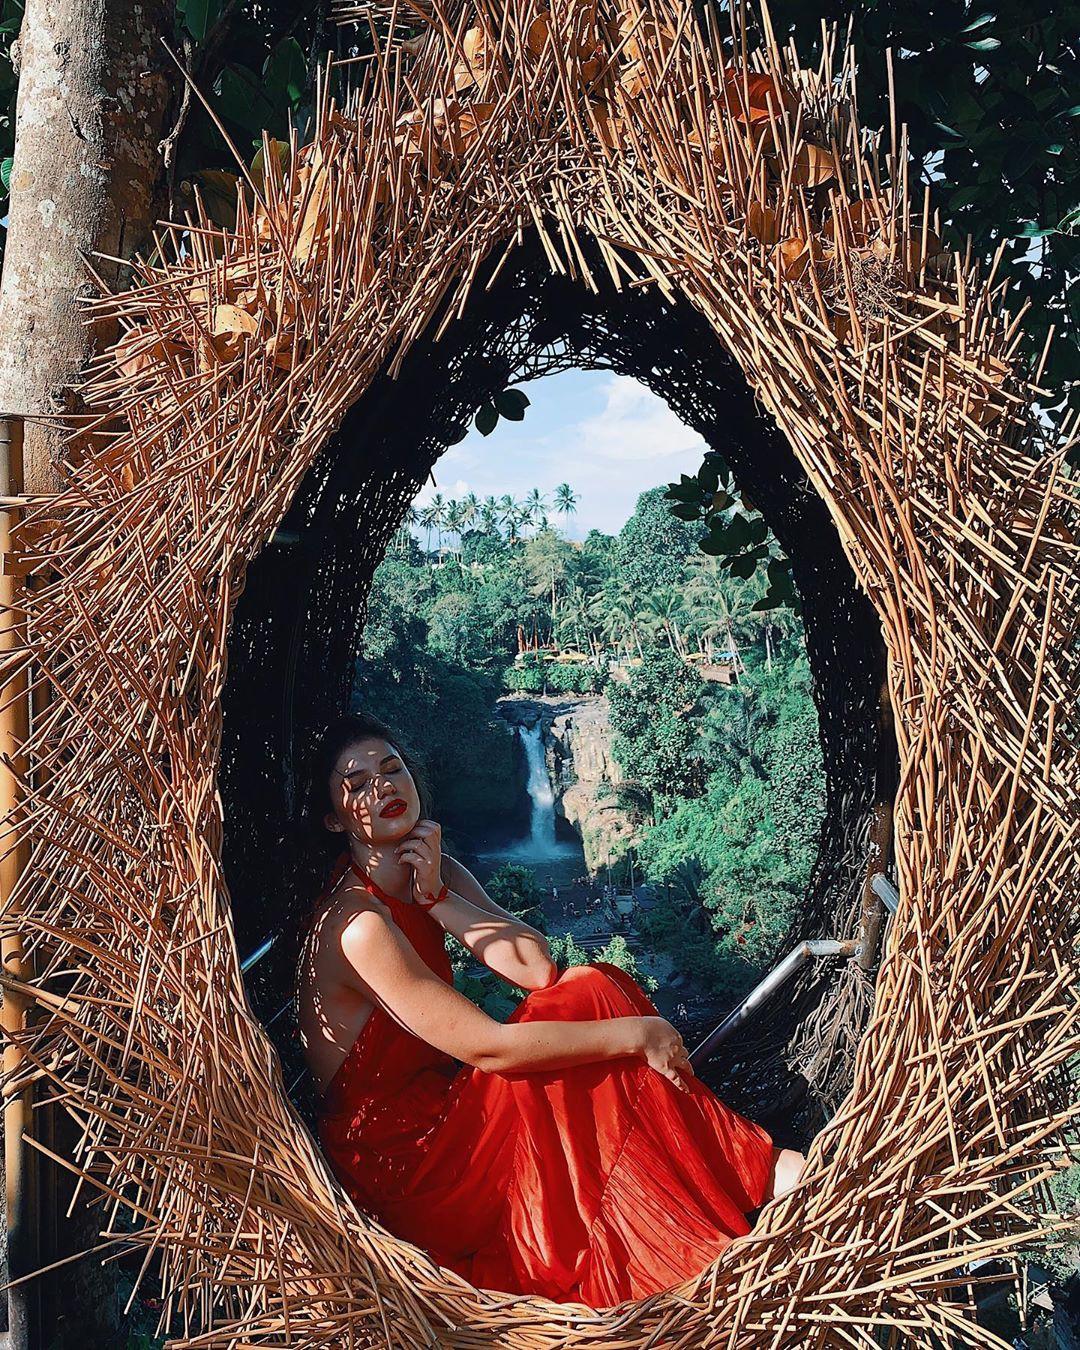 Đăng đàn chê Bali chẳng khác gì bãi đá sông Hồng, cô gái khiến cả cộng đồng yêu du lịch dậy sóng - Ảnh 4.